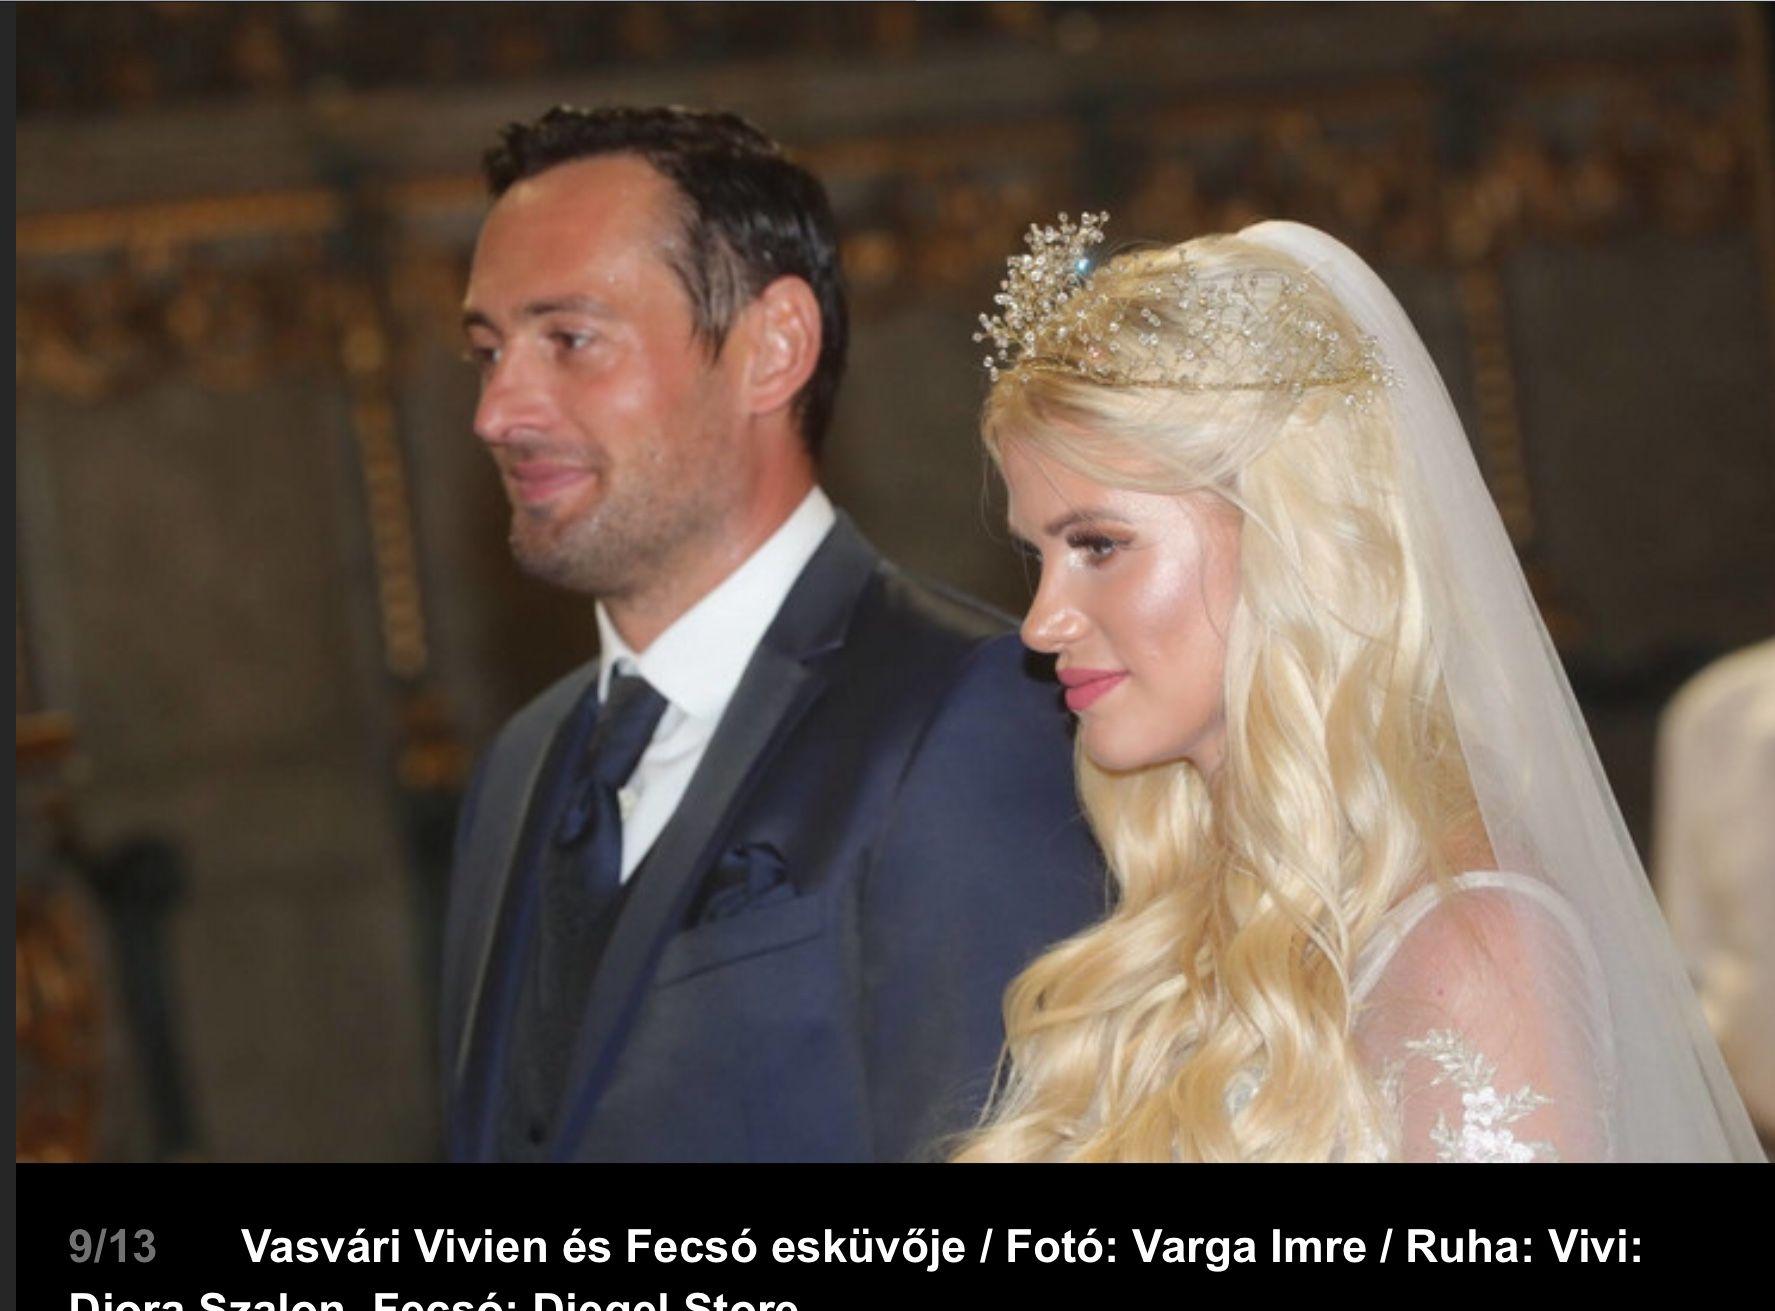 2d2510bf39 LUXUS VIVIEN VASVÁRI AND FECSÓ WEDDING ! | VIVIEN VASVÁRI | Jewelry ...